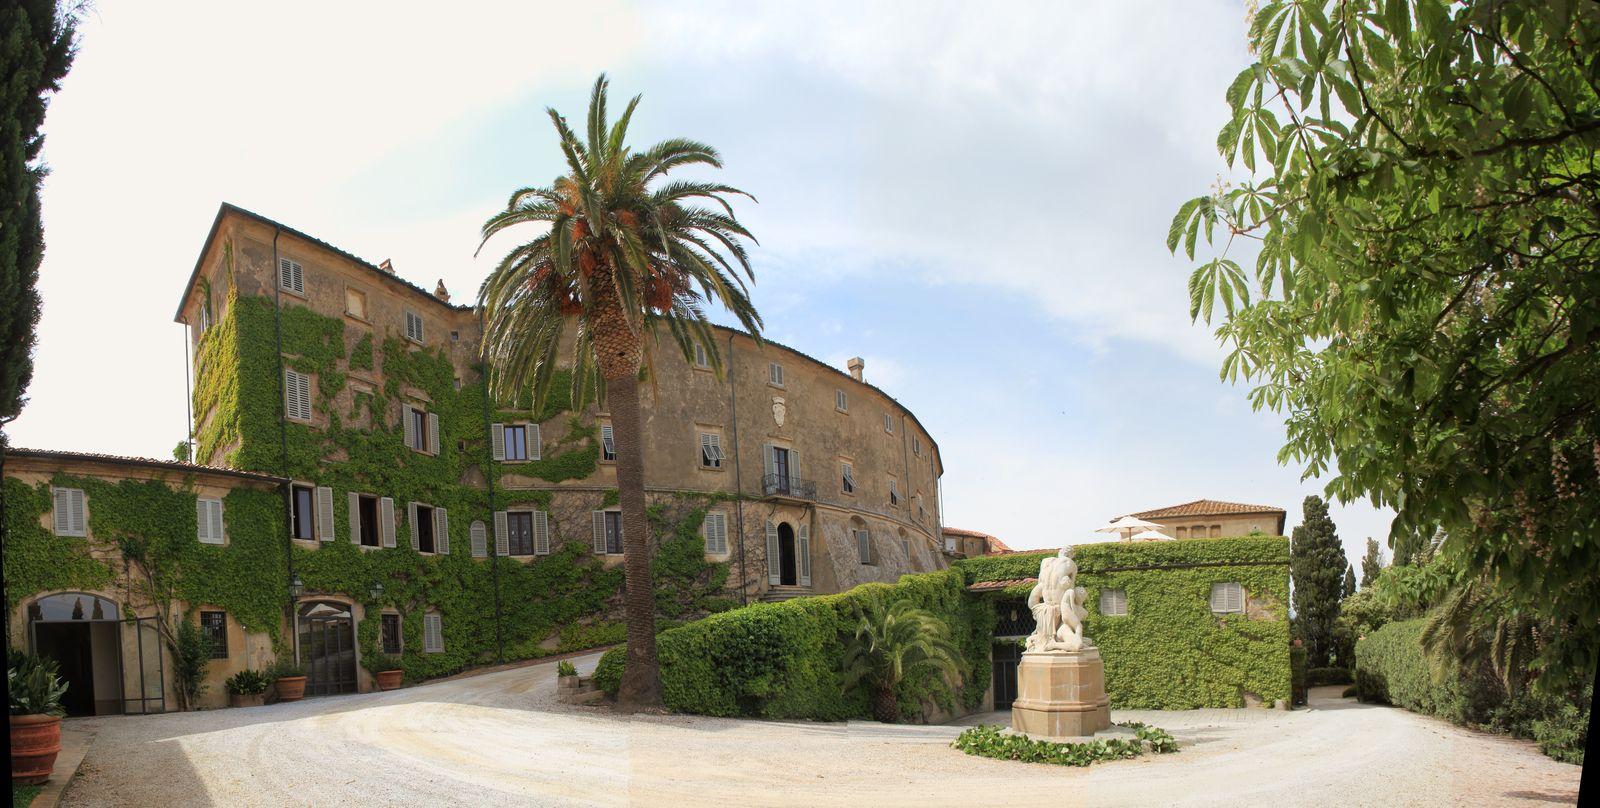 Castello Castagneto Carducci